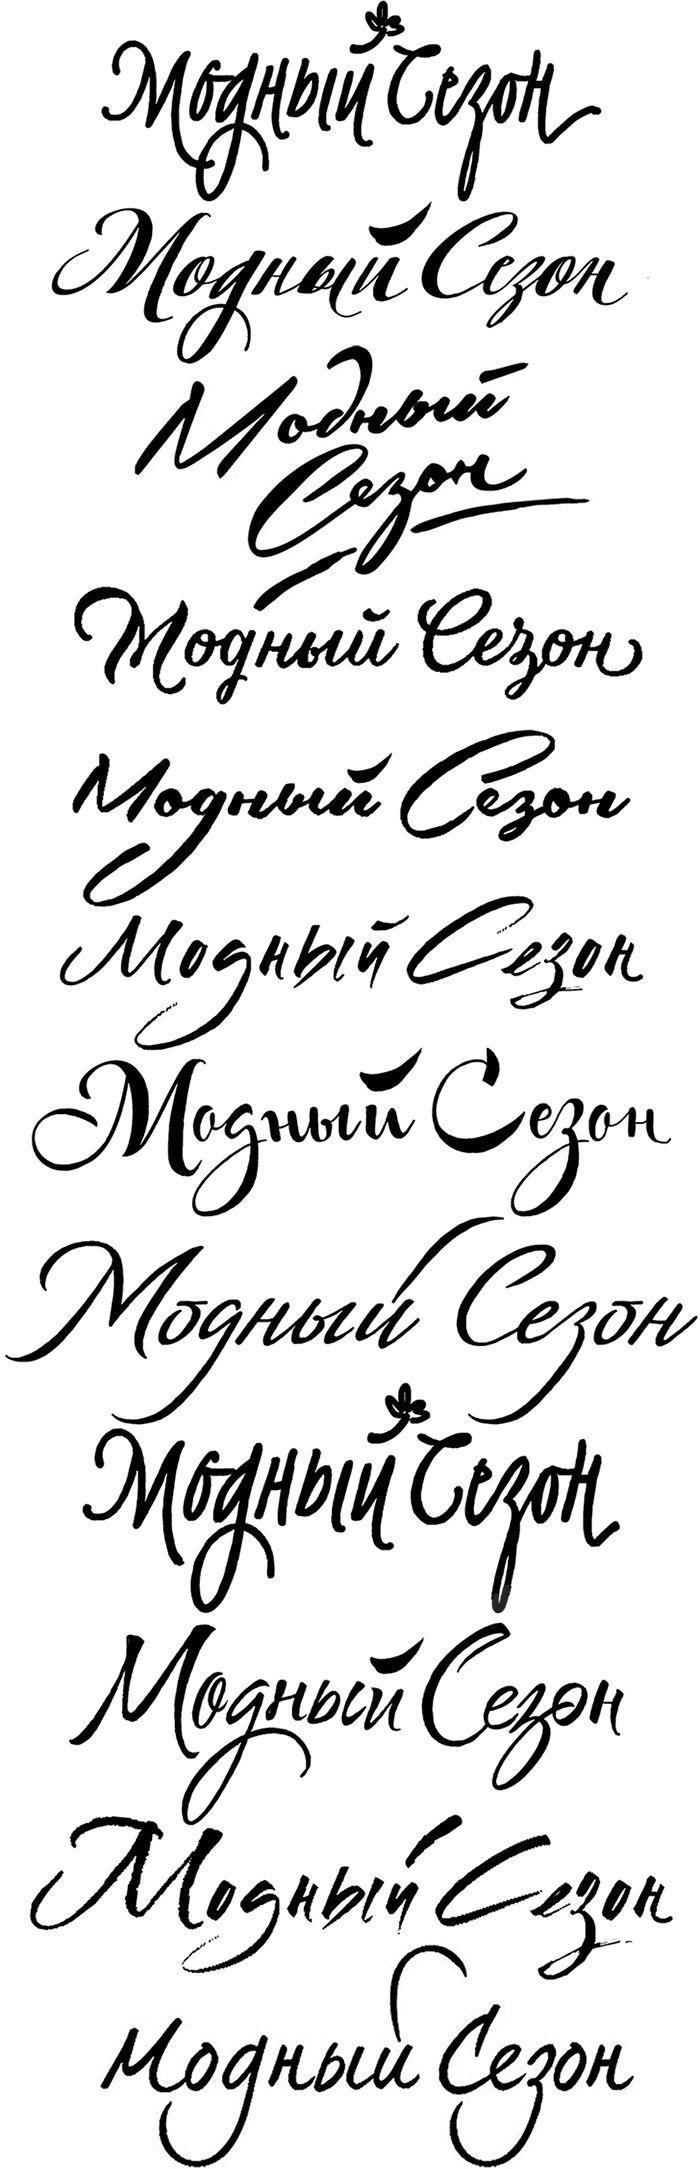 Создание логотипа и фирстиля «Модного сезона»